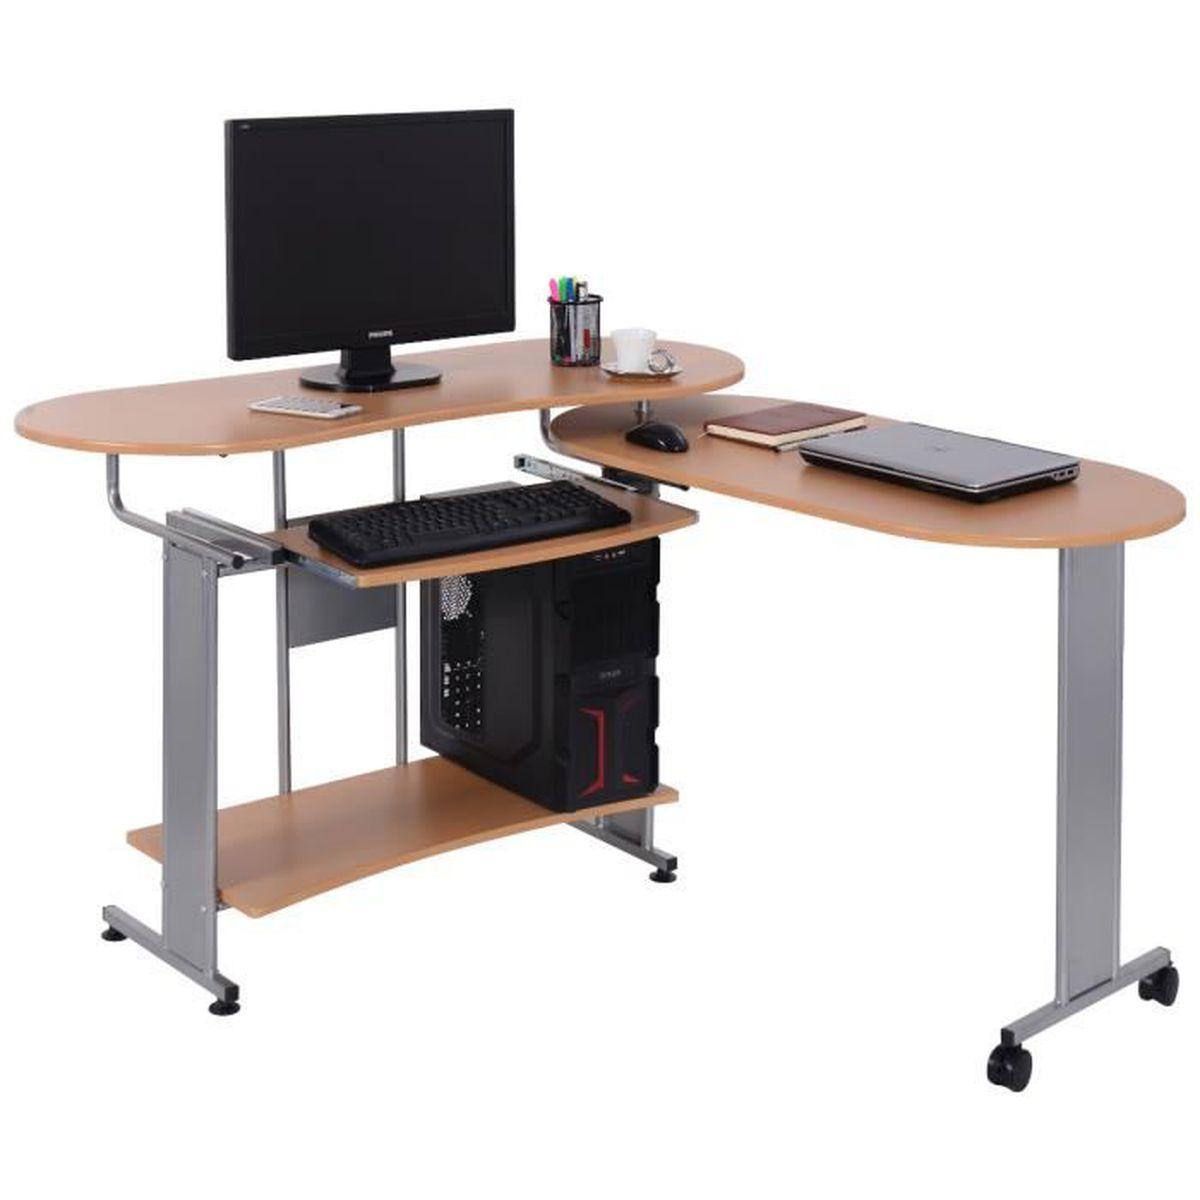 Bureau informatique table d ordinateur pour bureau pc coin - Table pour pc de bureau ...